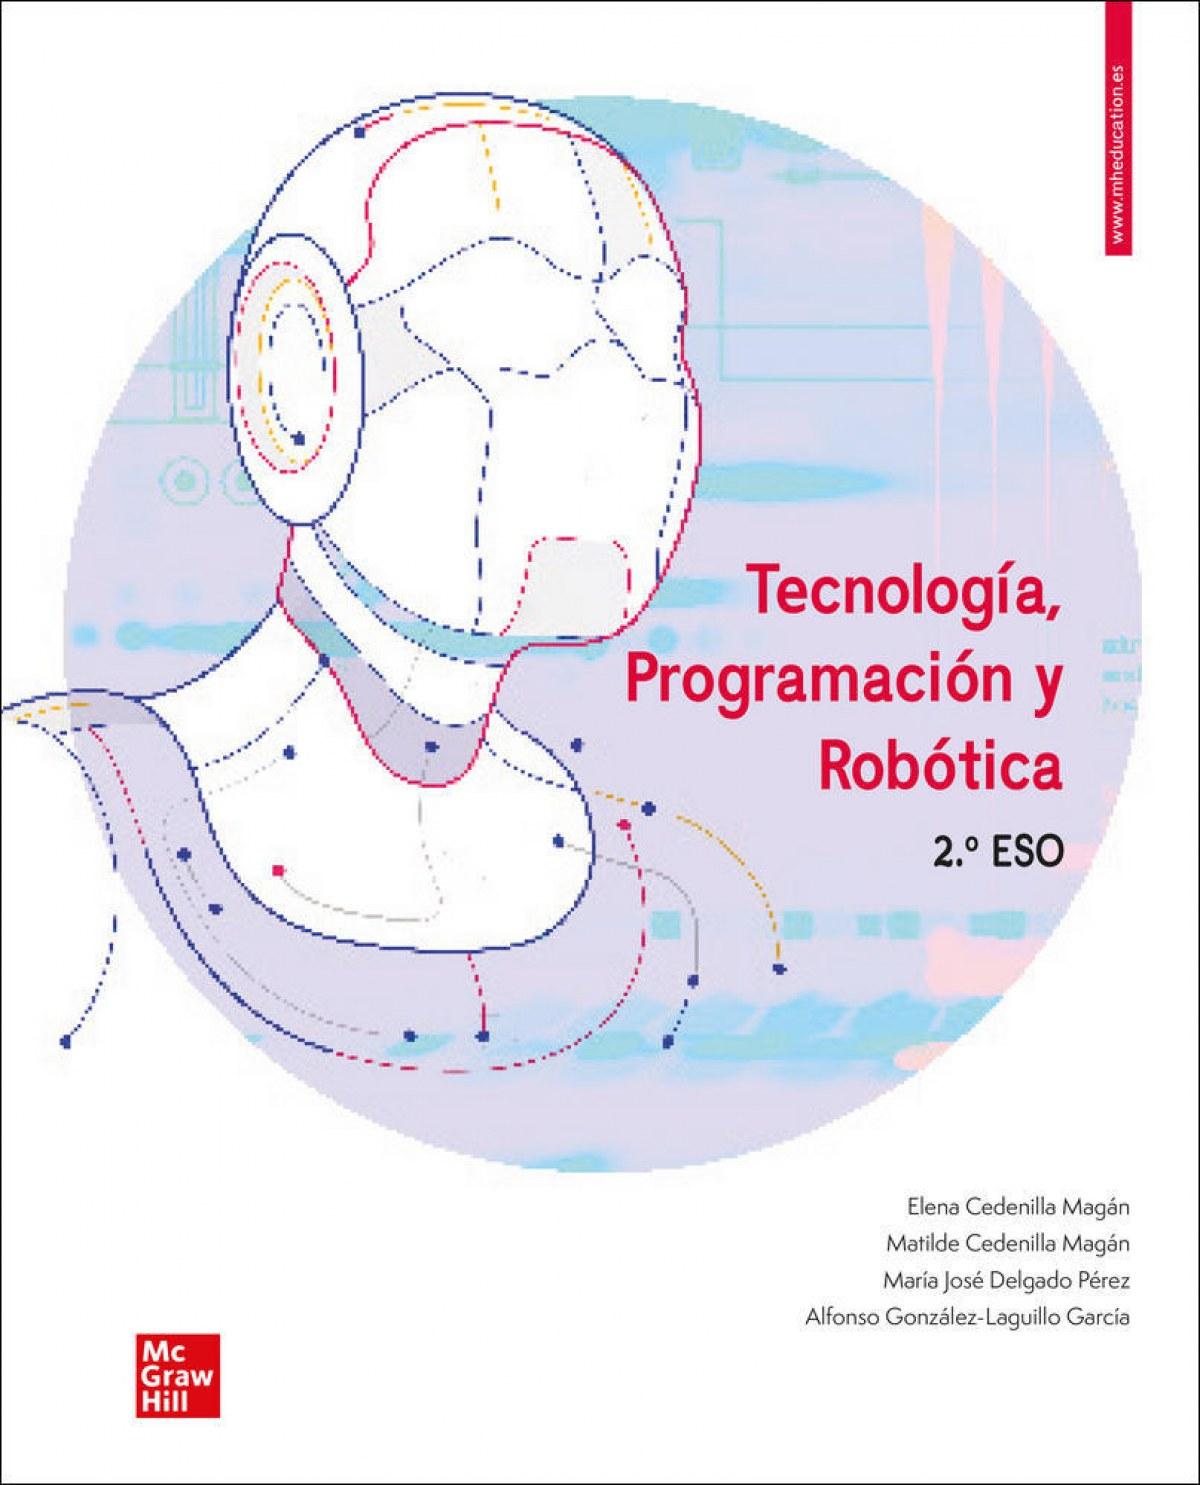 LA Tecnologia, programacion y robotica 2 ESO